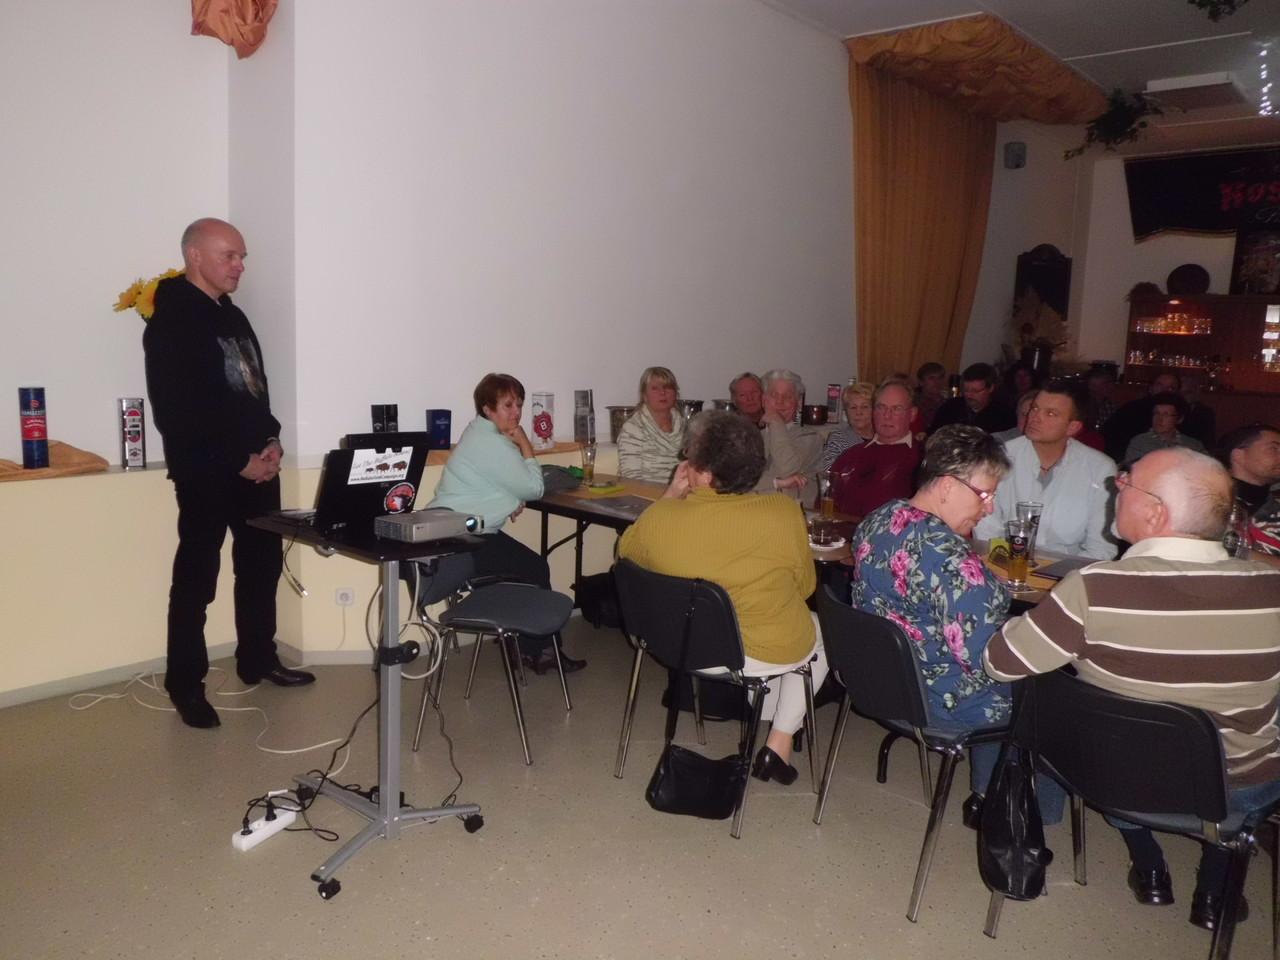 Dr. Peter Schmiedtchen (li.) beim Vortrag (Foto: Gudrun Edner)